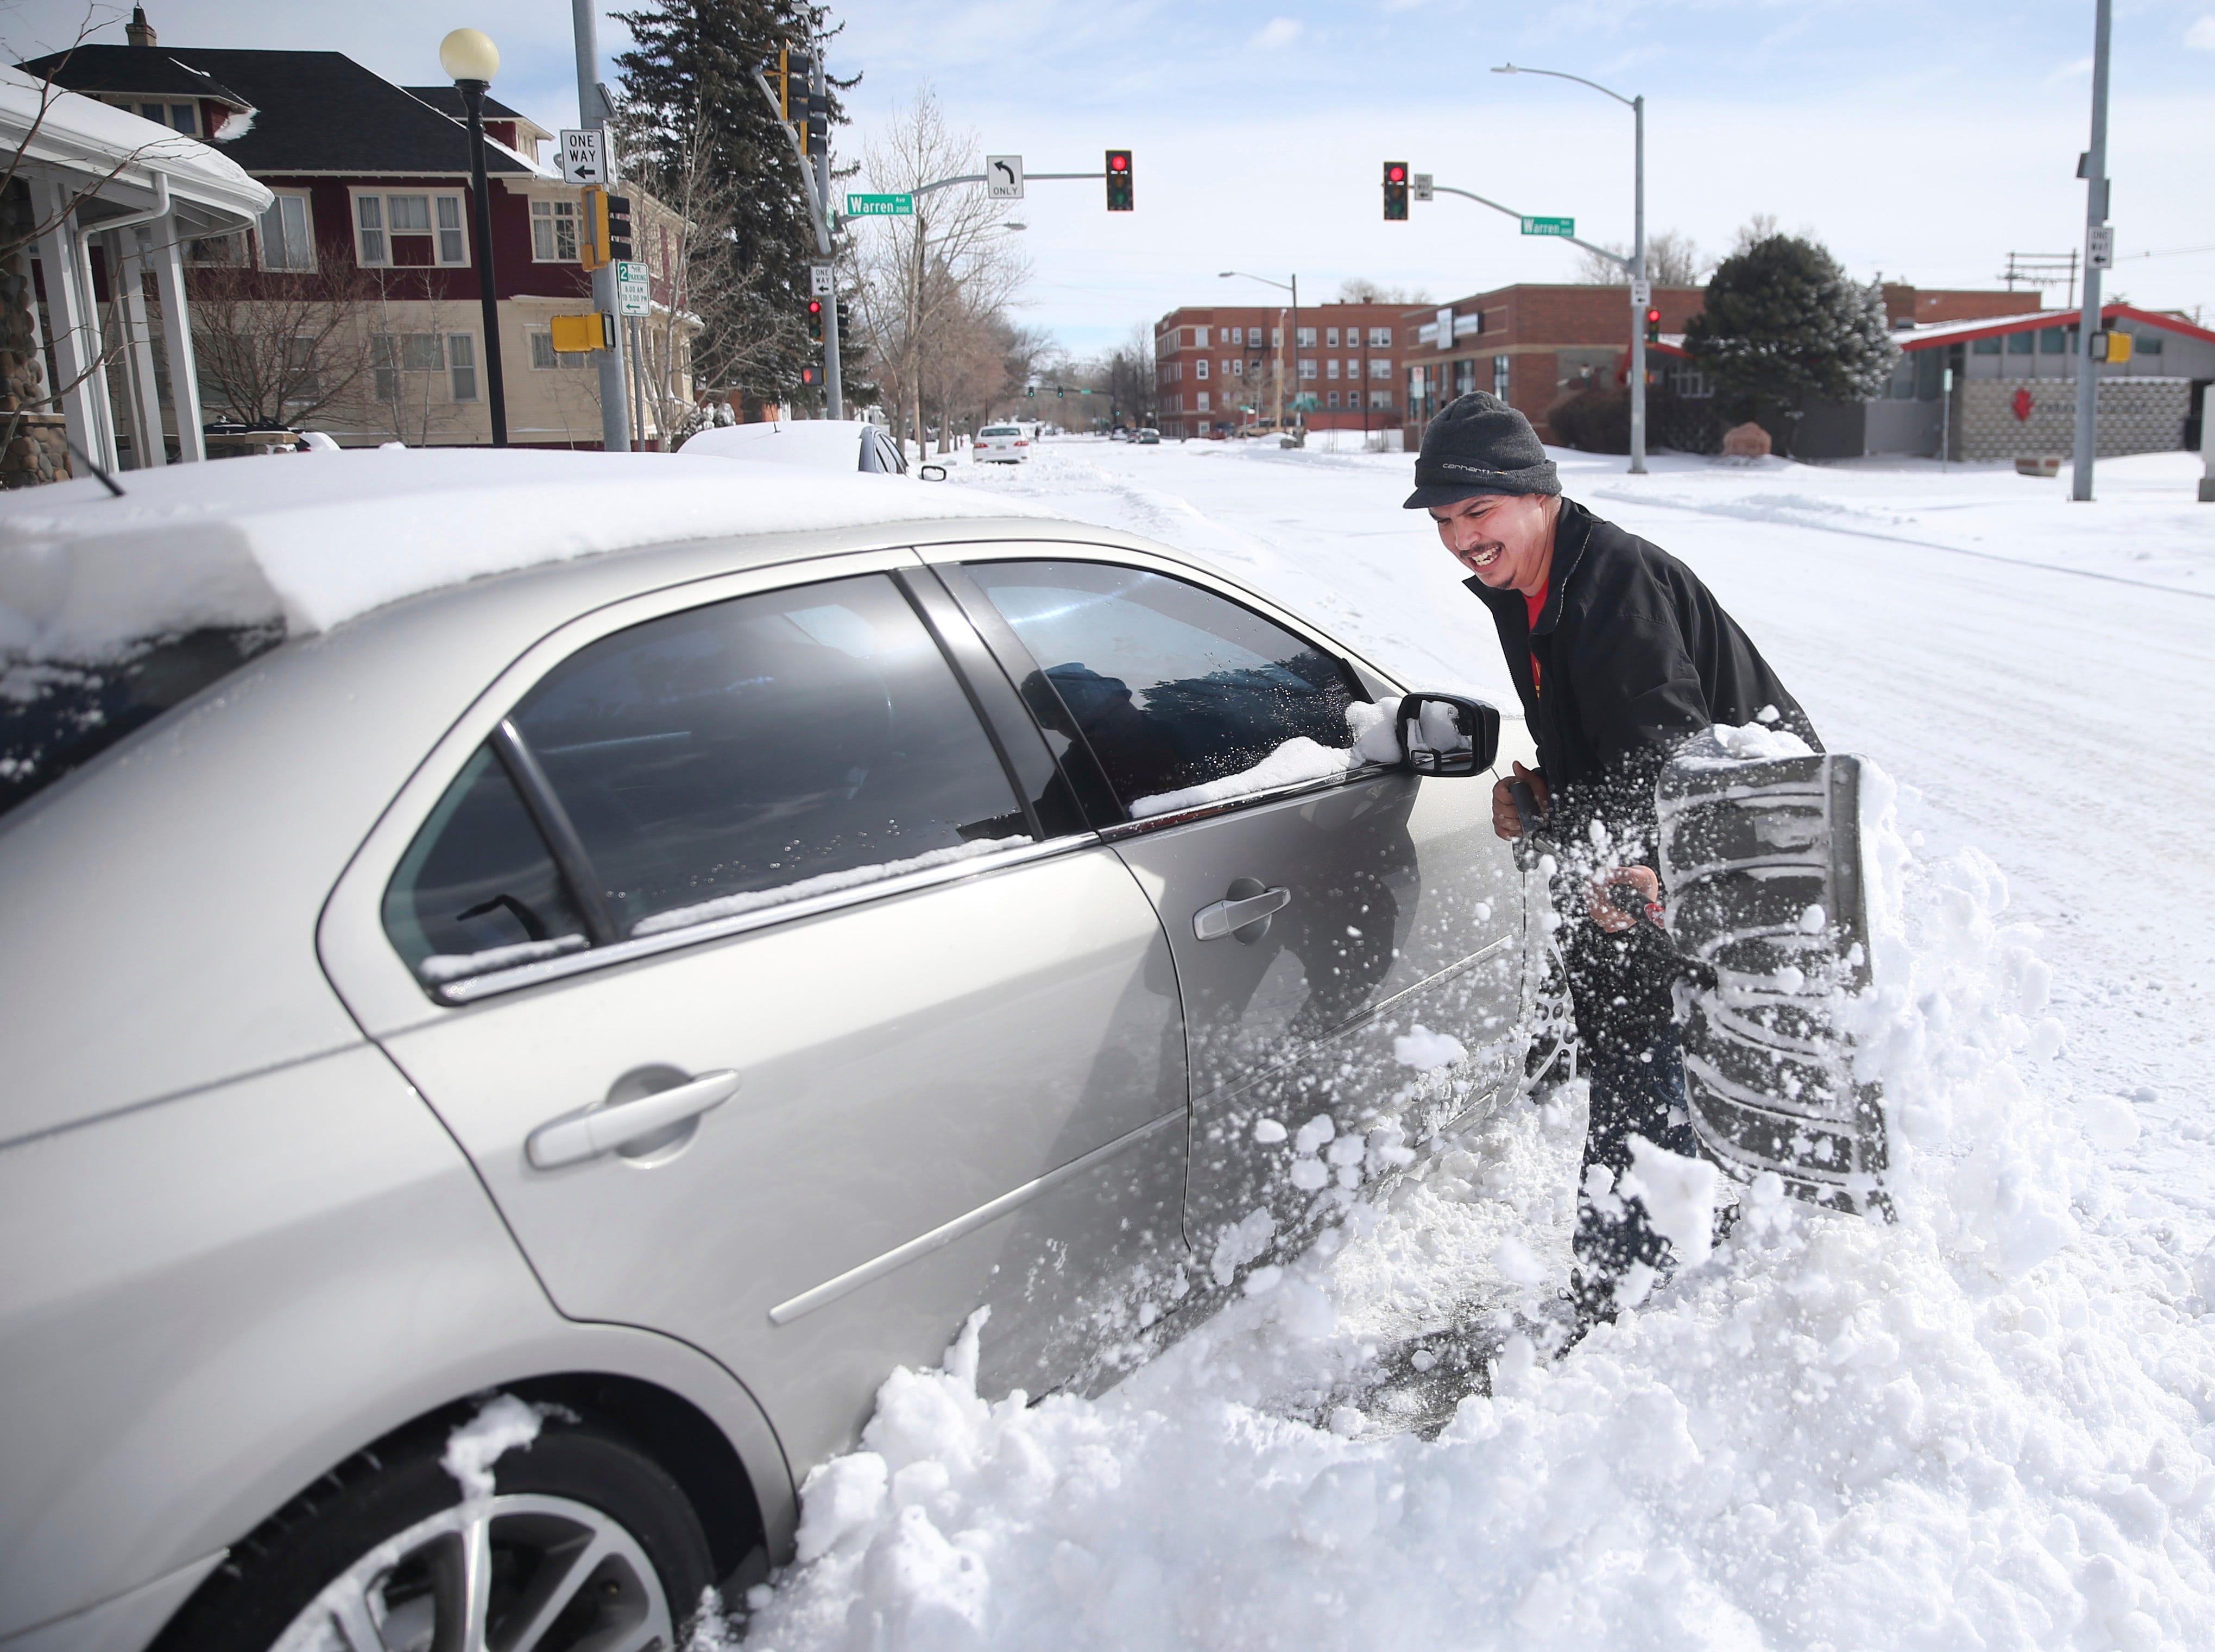 Michael Burris usa una pala de nieve prestada para excavar su vehículo después de una tormenta de nieve el jueves 14 de marzo de 2019, en Cheyenne, Wyo. Según el Servicio Nacional de Meteorología, 14.6 pulgadas de nieve cayeron sobre la ciudad, con el máximo viento Velocidades de reloj por encima de 60 millas por hora.